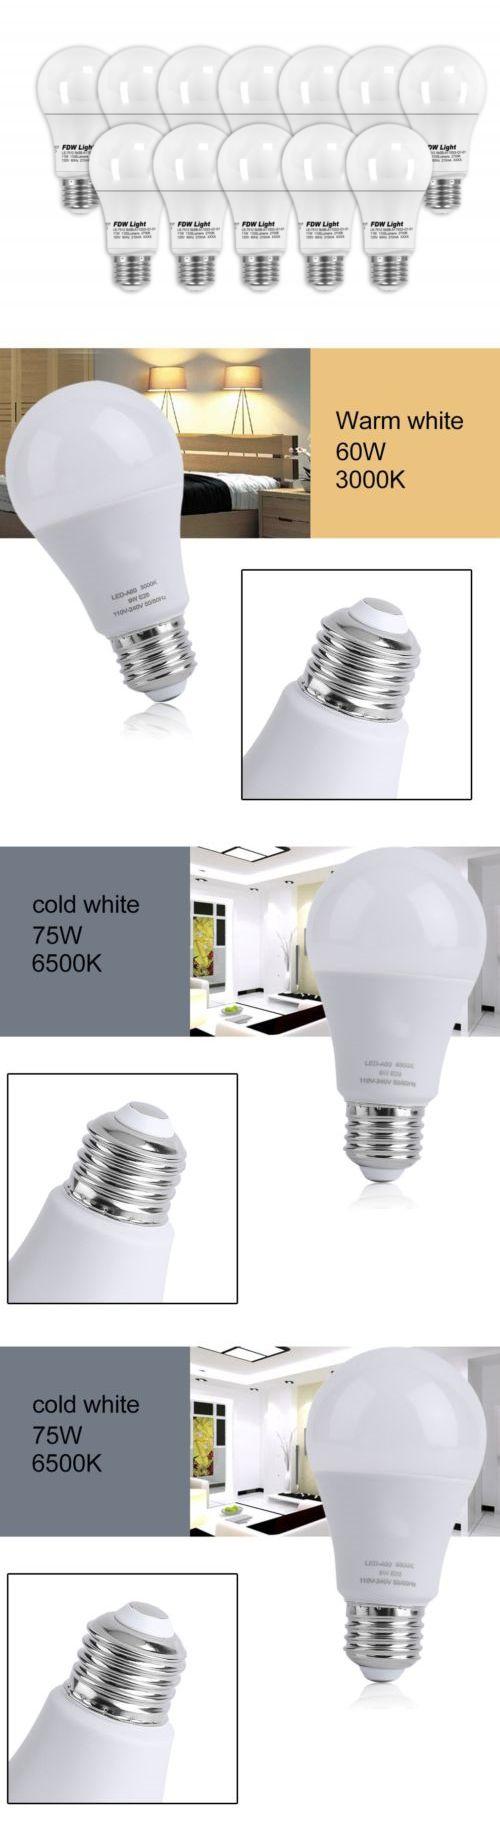 Light Bulbs 20706: 60 Watt Equivalent Slimstyle A19 Led Light Bulb Soft White 3000K 12 Pack 60W Bt -> BUY IT NOW ONLY: $86.55 on eBay!